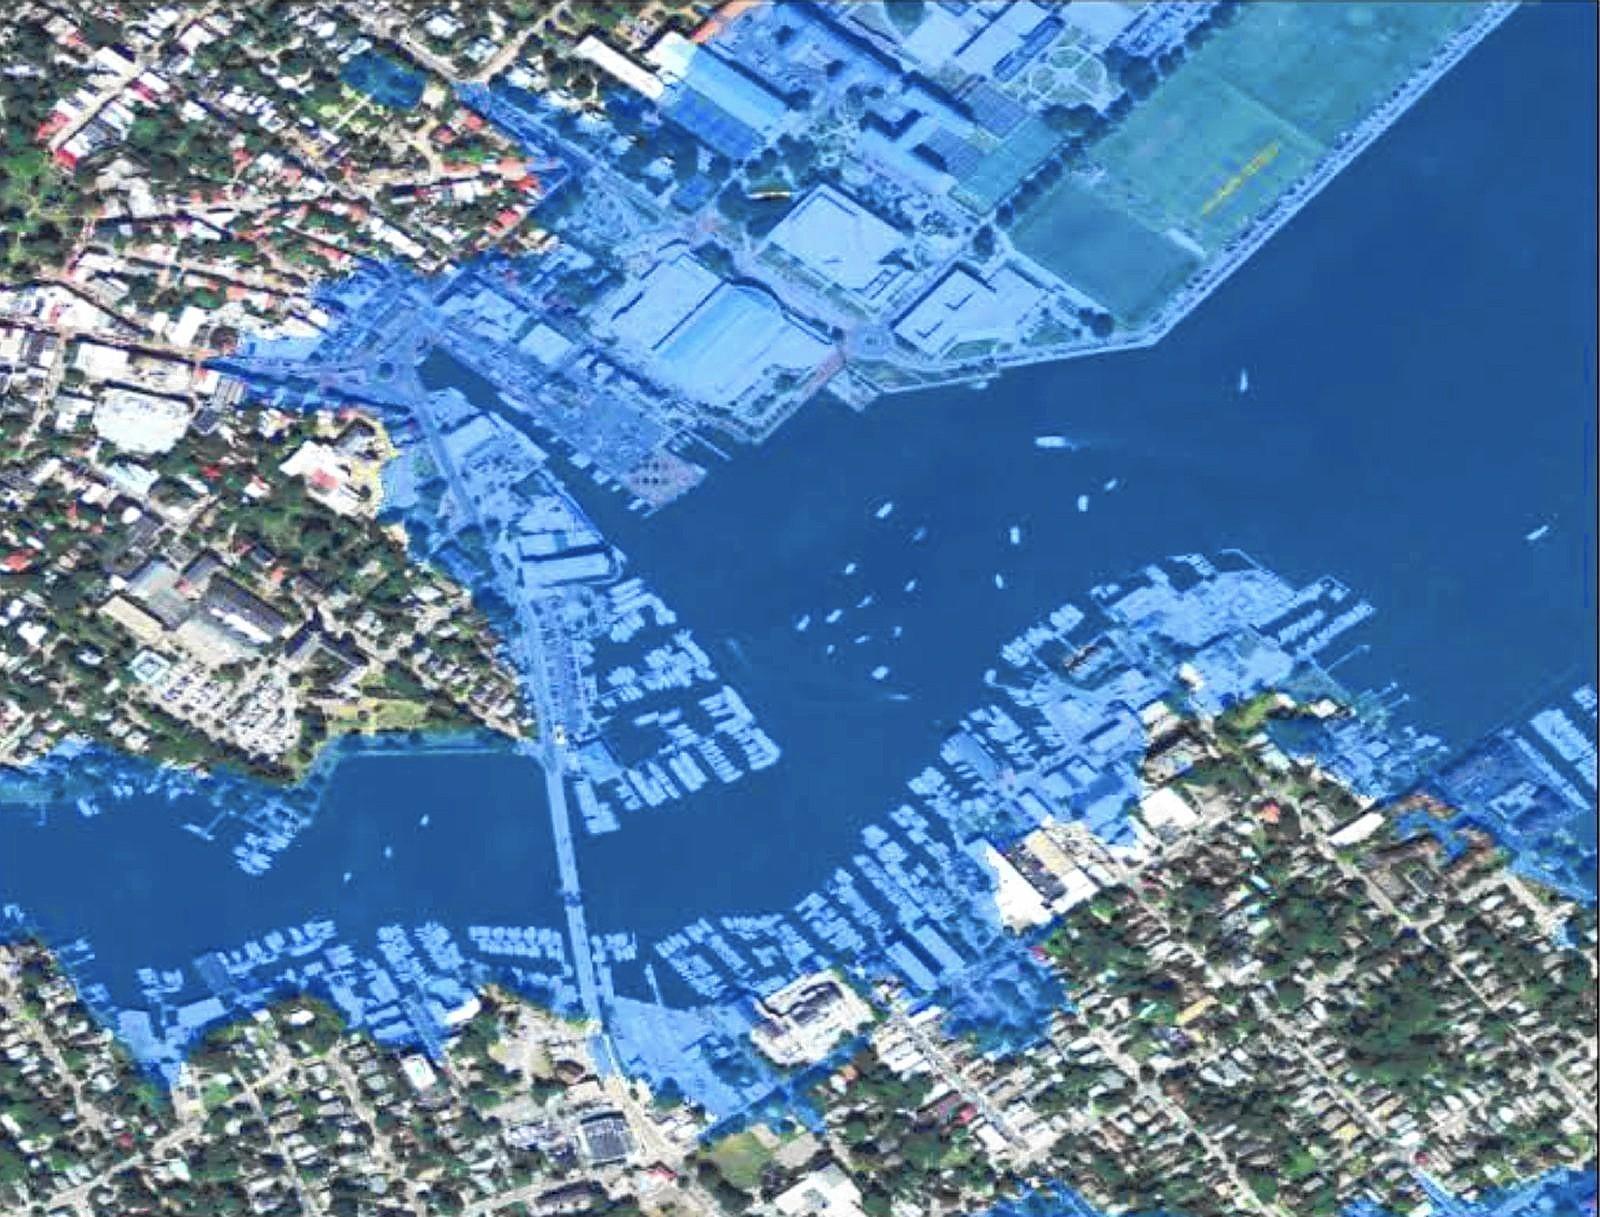 Oceanographer Annapolis should prepare for rising sea